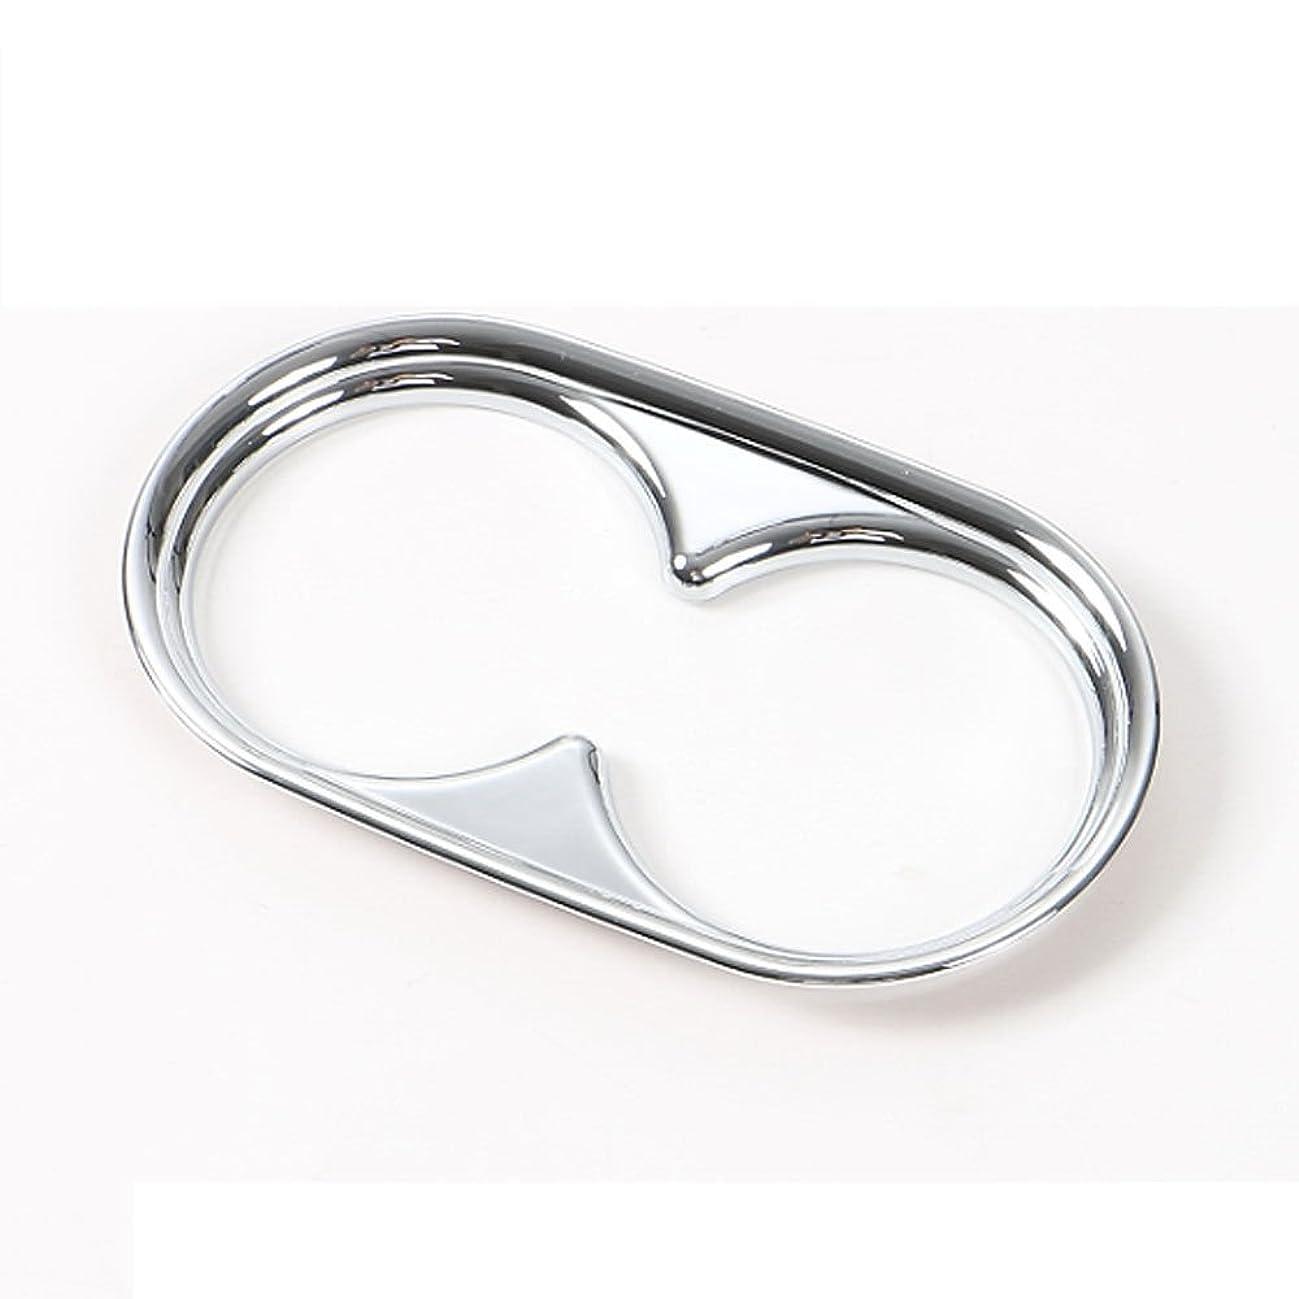 シネウィすべきアンタゴニストJicorzo - Car-Styling Water Cup Holder Cover Trim Chrome ABS Decor Frame Interior Sticker ABS For 2007-2015 Suzuki Jimny Car Accessories [Silver]